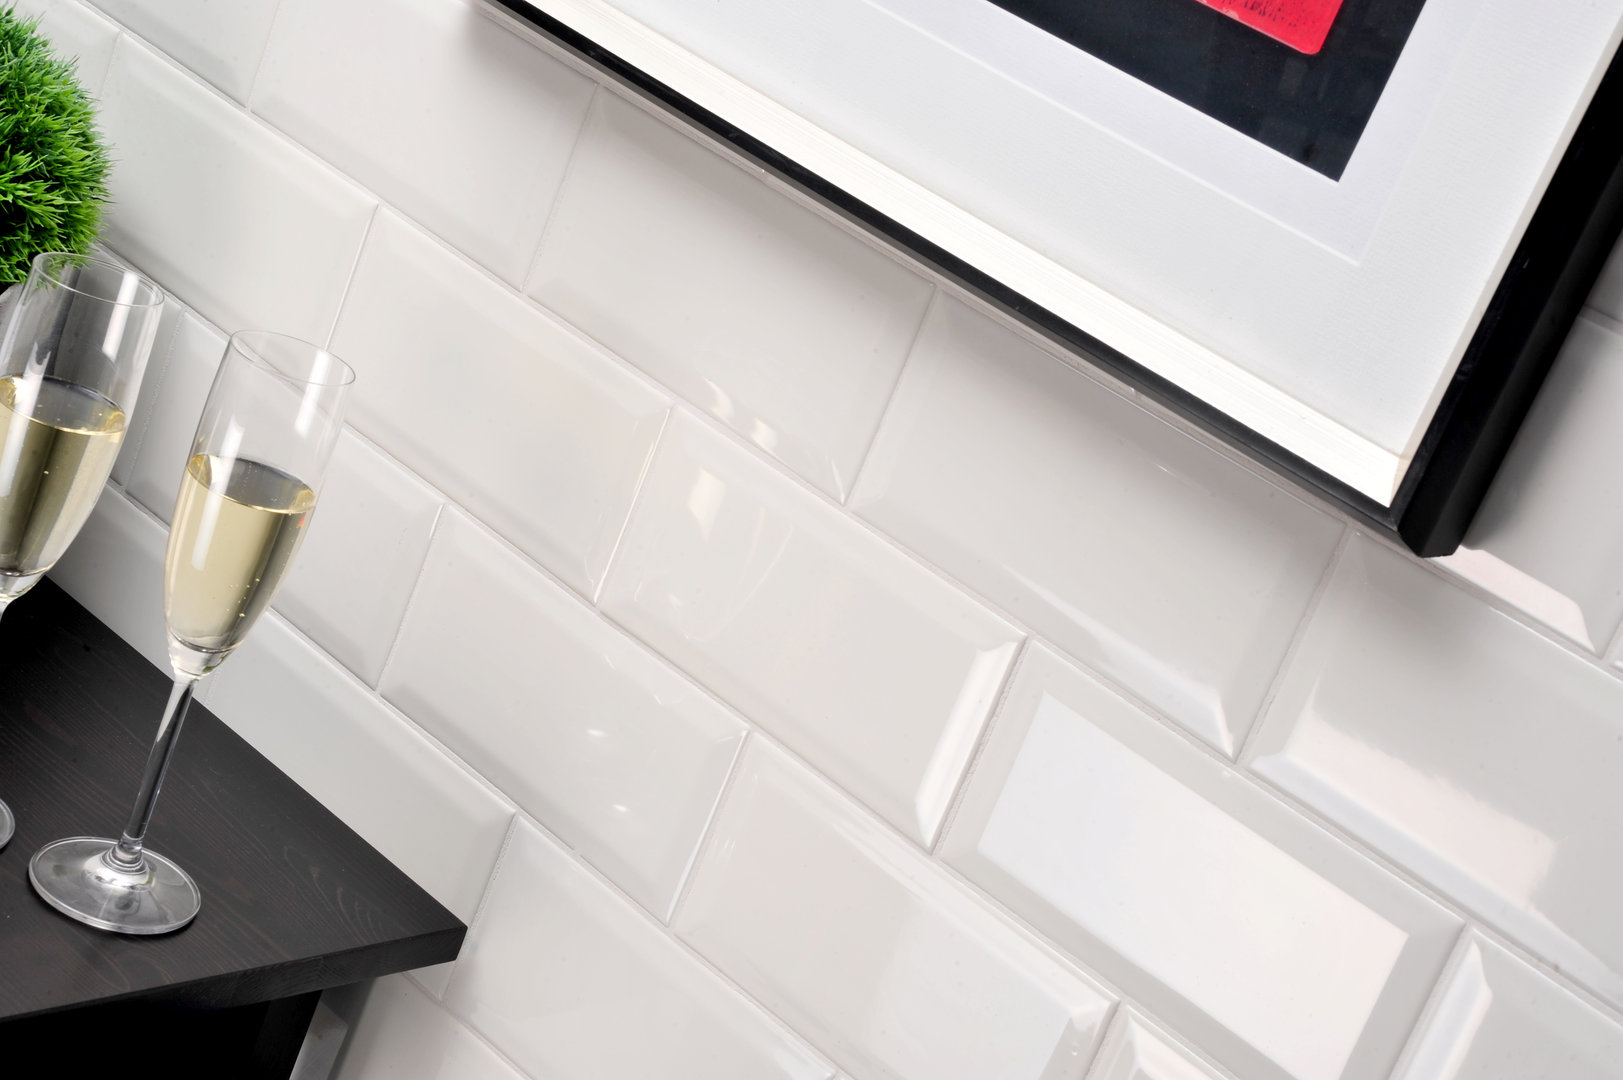 wandfliese homestile metro creme gl nzend 10x20 cm online kaufen. Black Bedroom Furniture Sets. Home Design Ideas